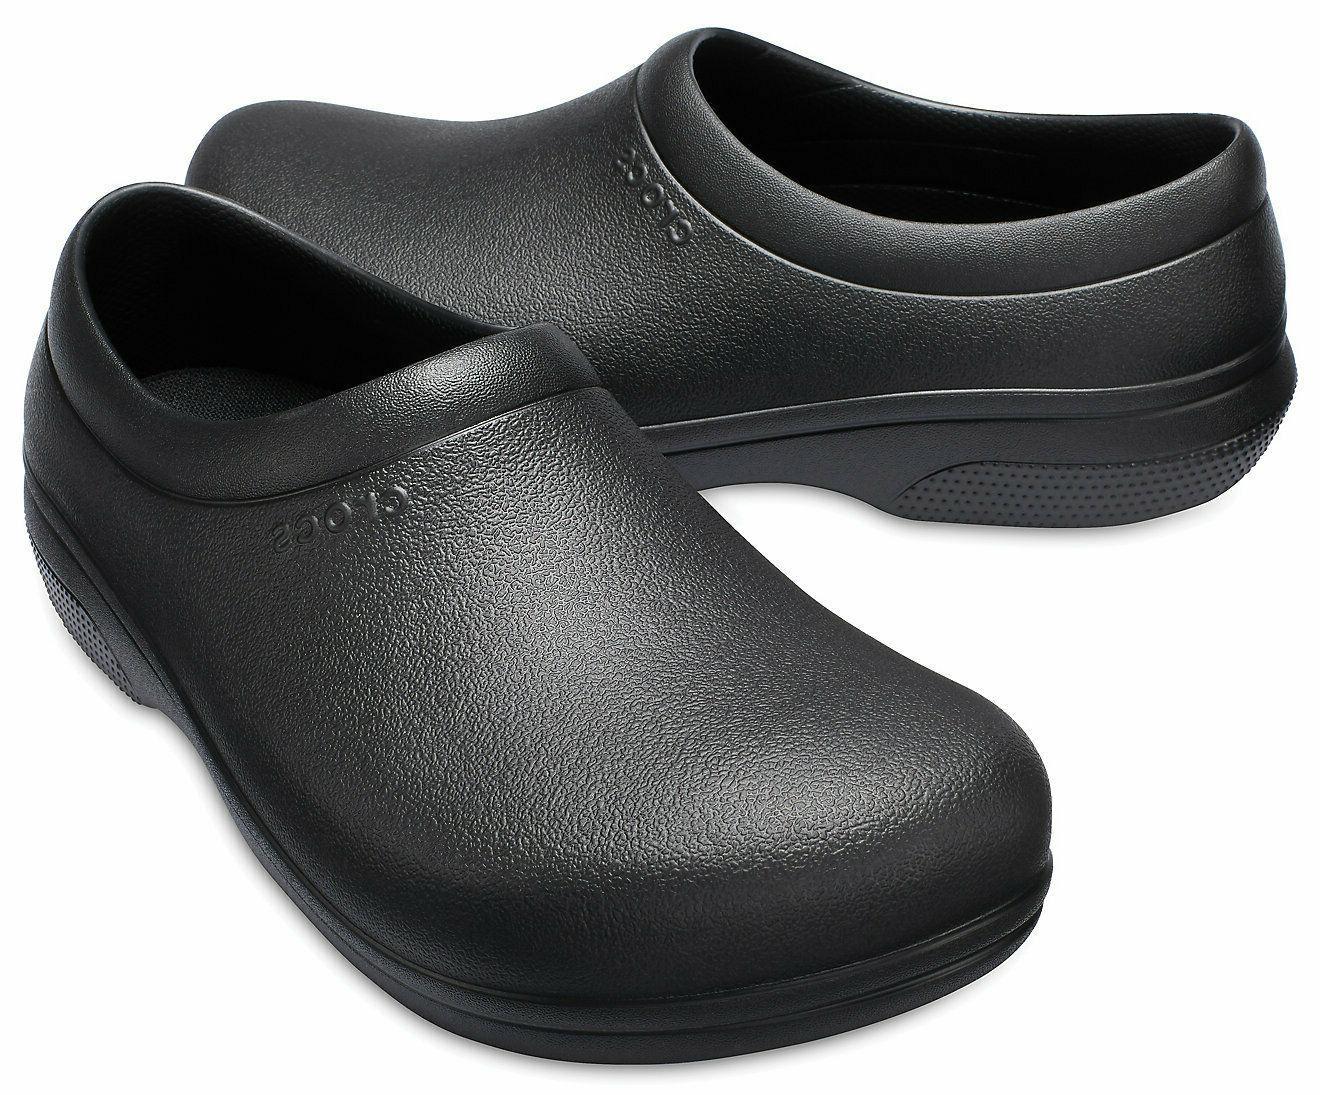 Crocs Women's On-The-Clock Slip Resistant Proof Shoe